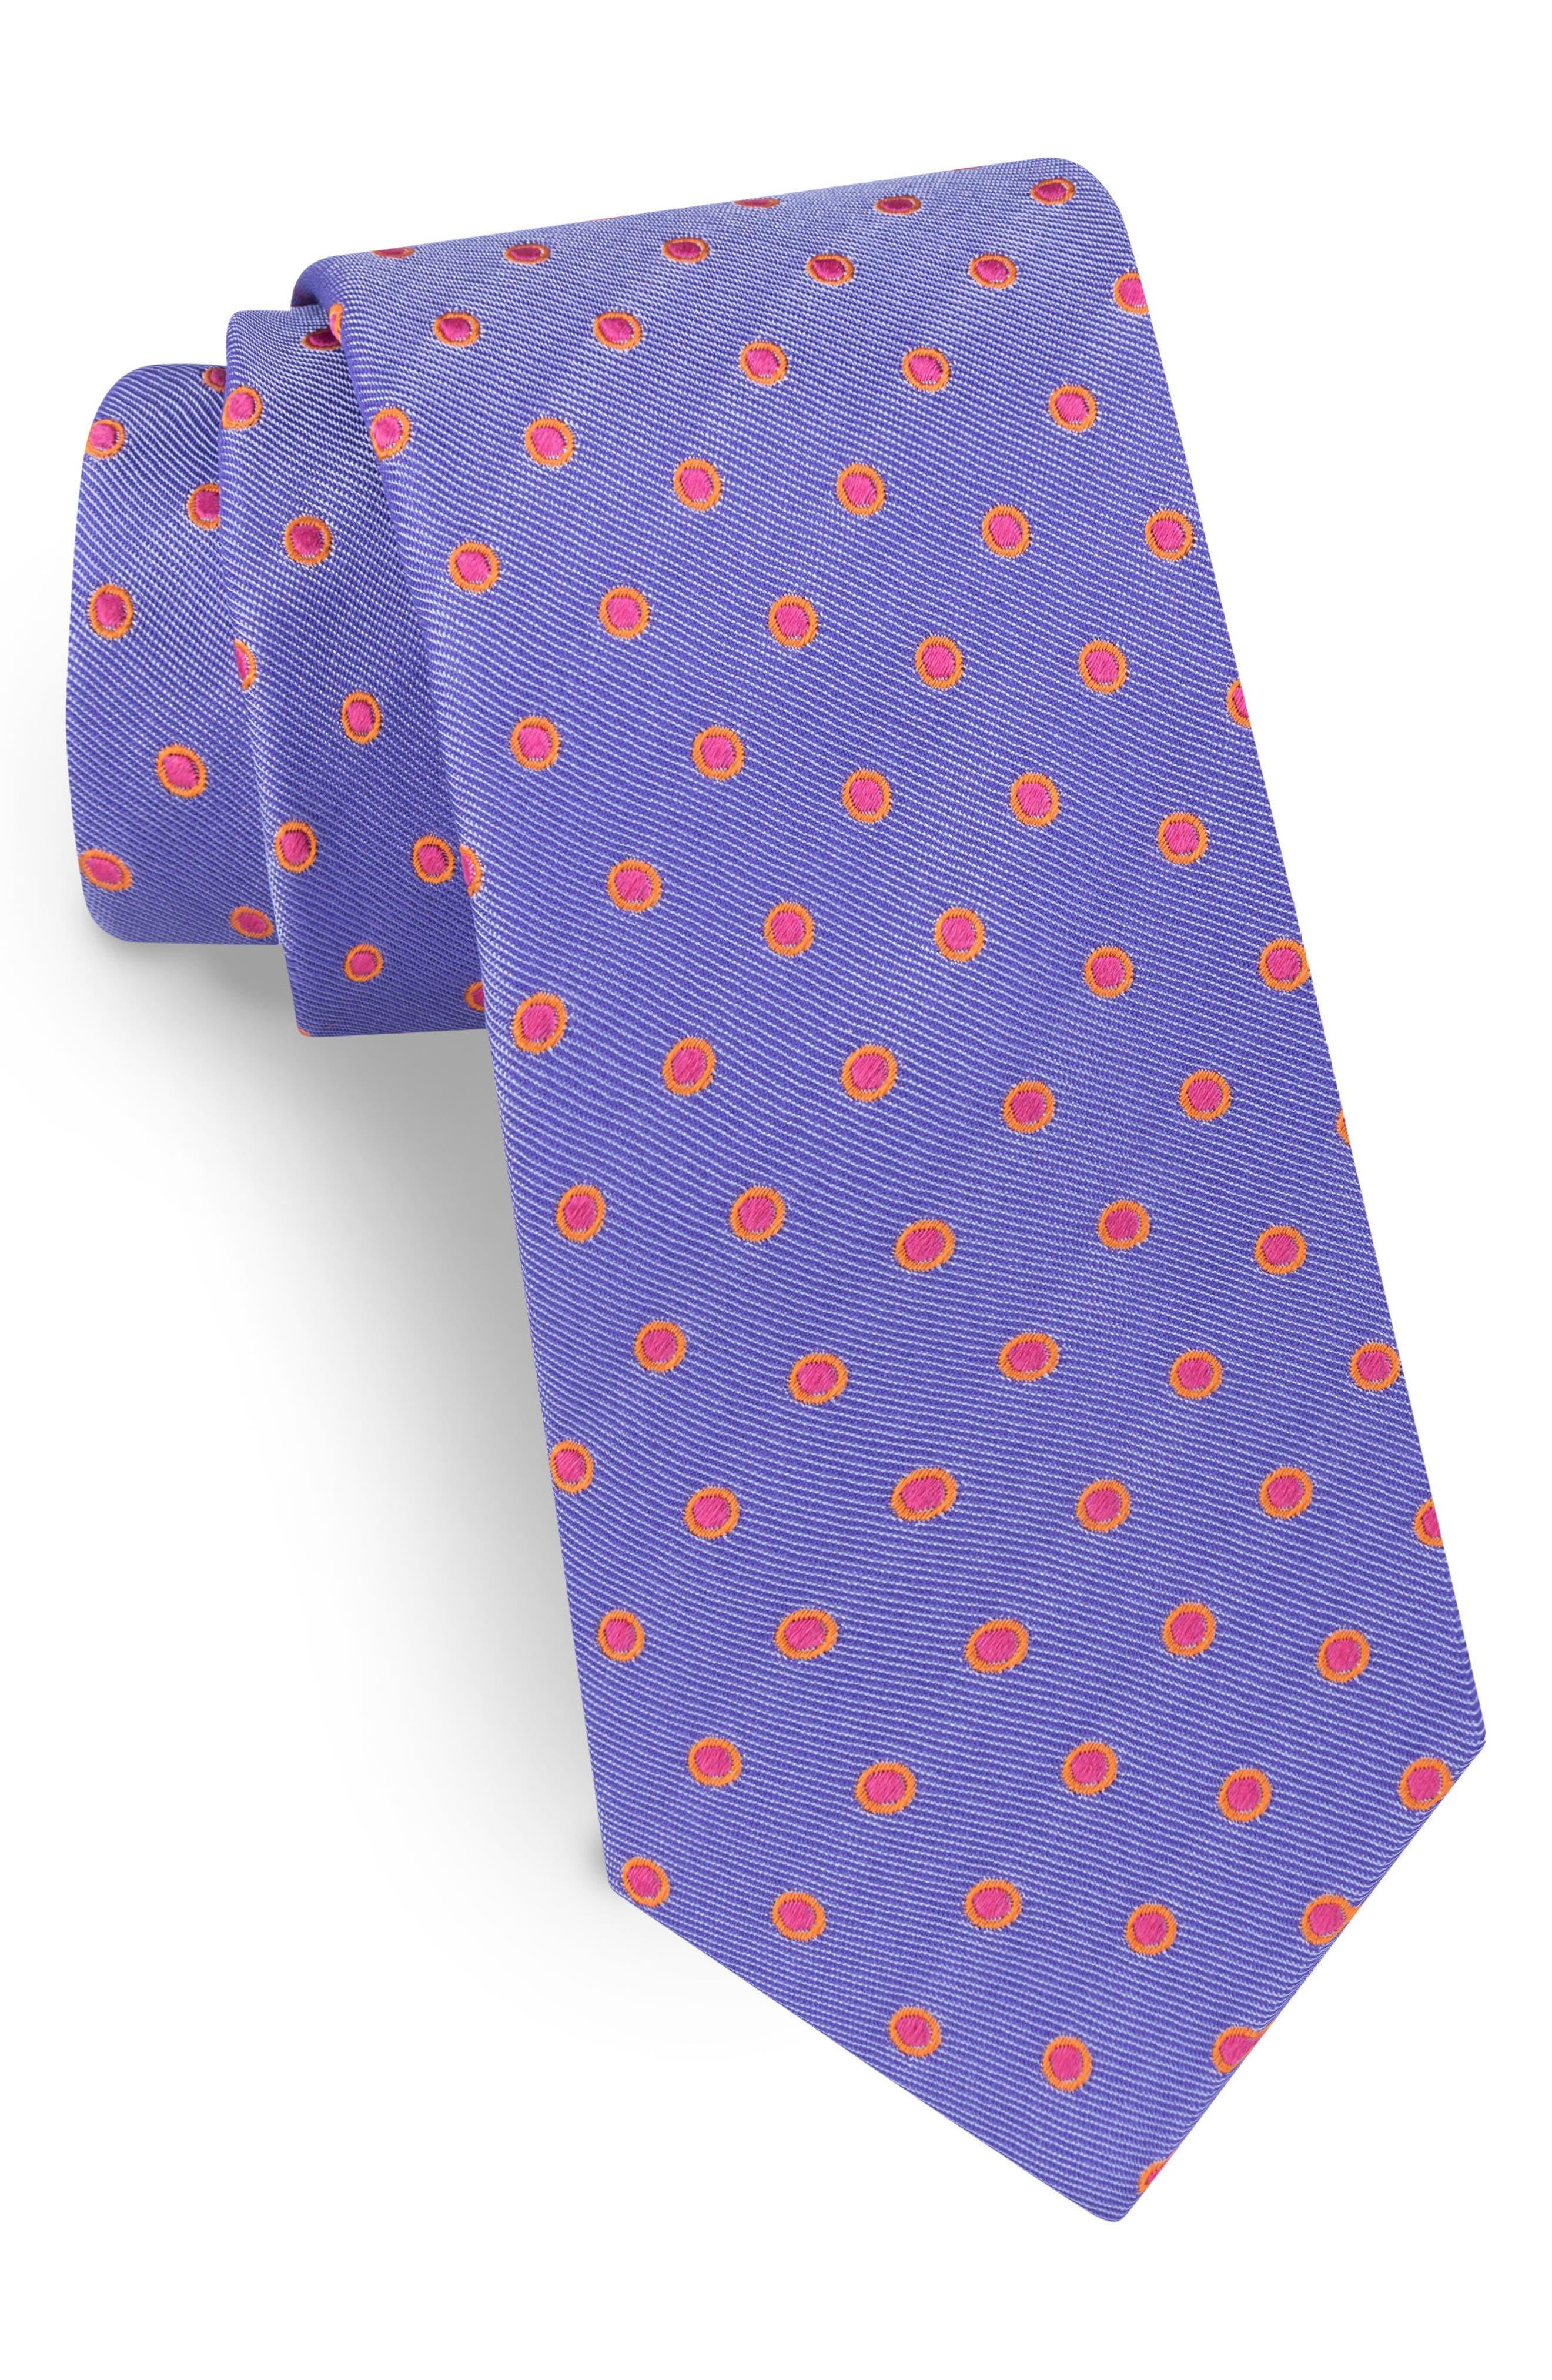 TED BAKER Dot Silk Tie in Purple